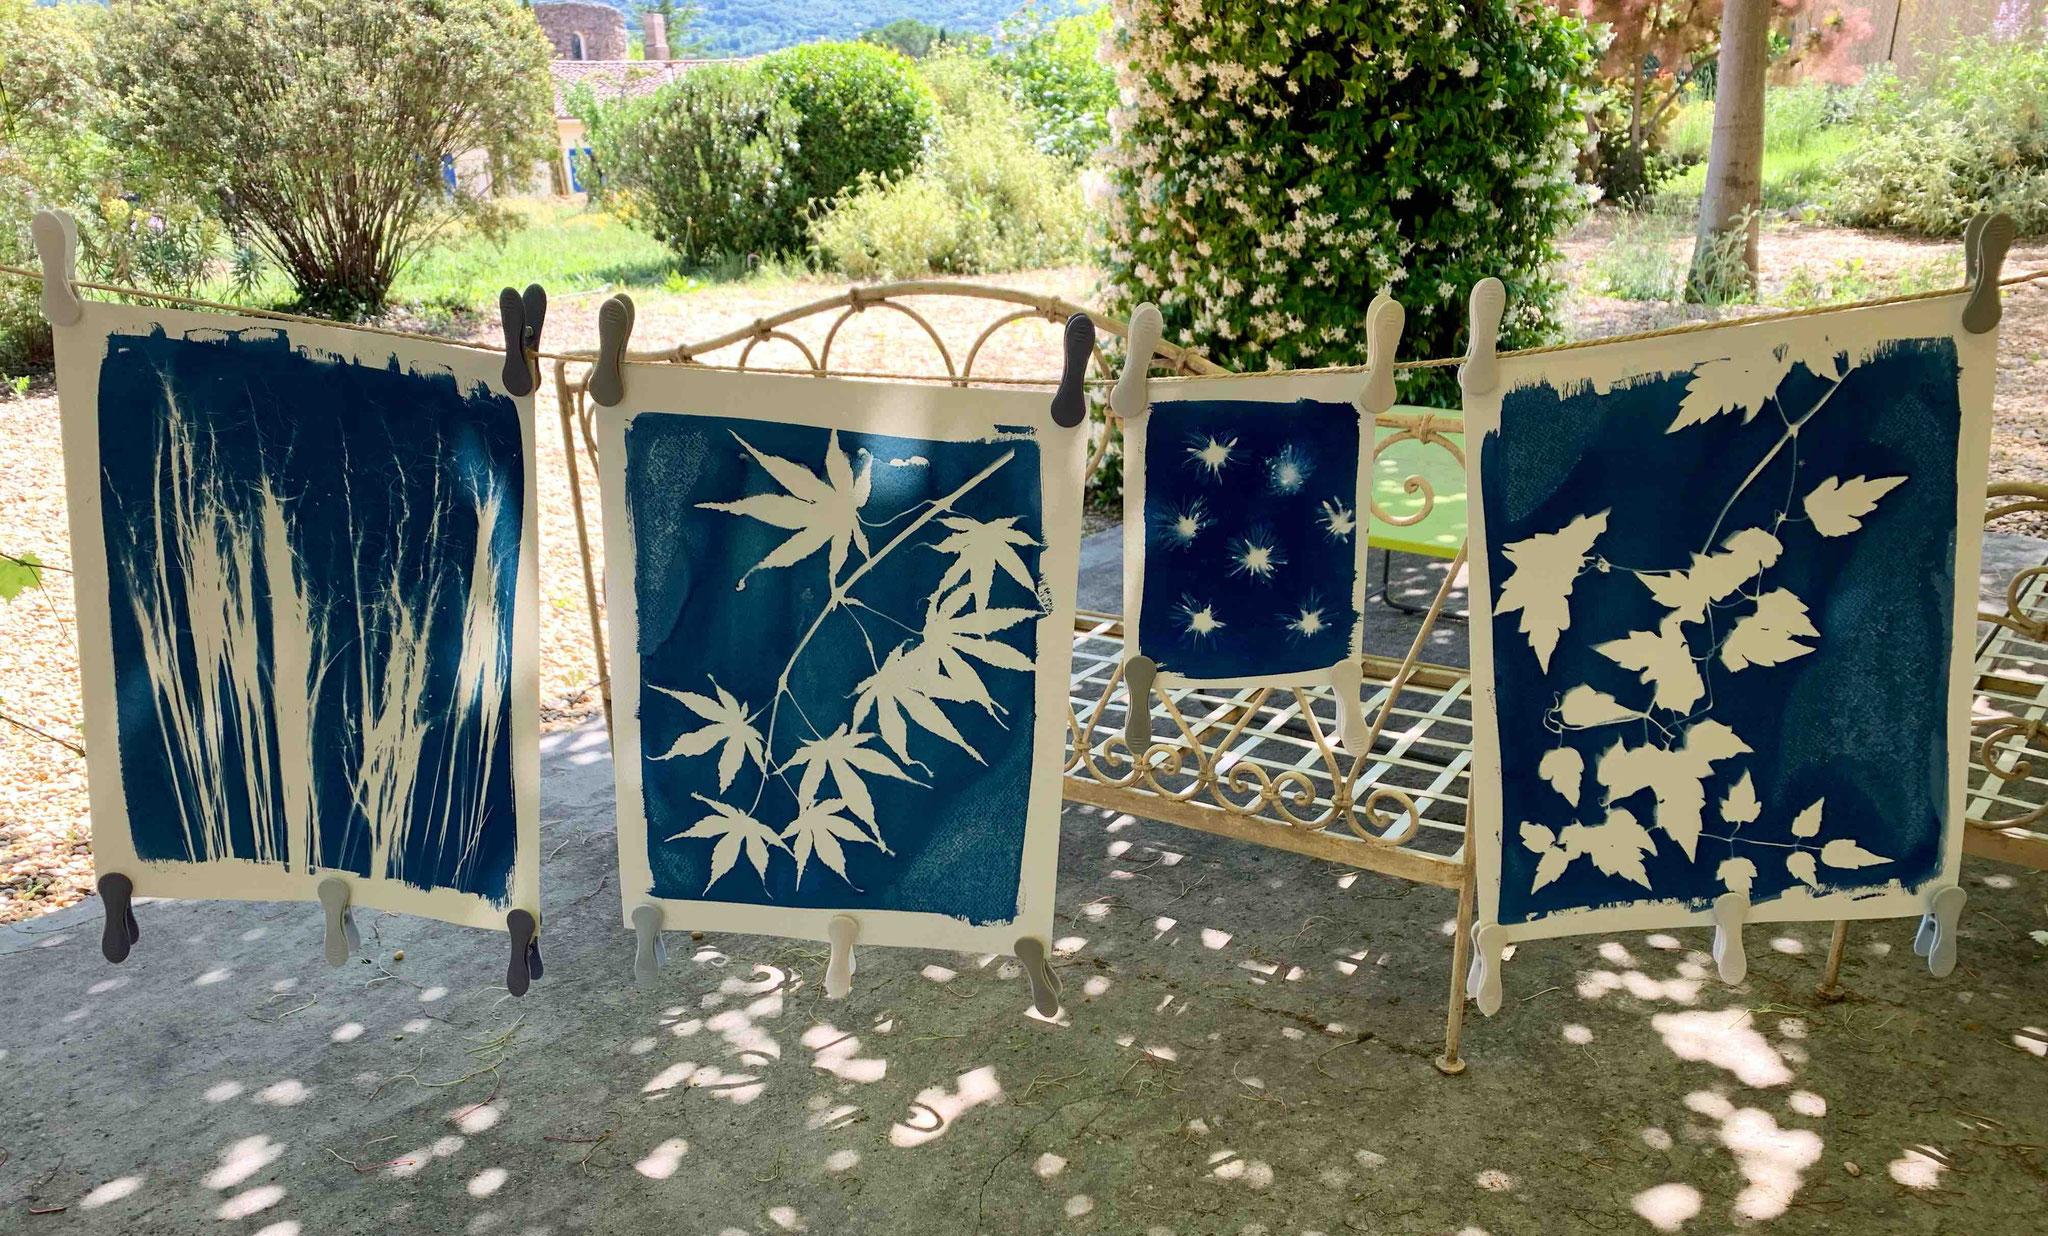 Séchage des cyanotypes. Brigitte Morel